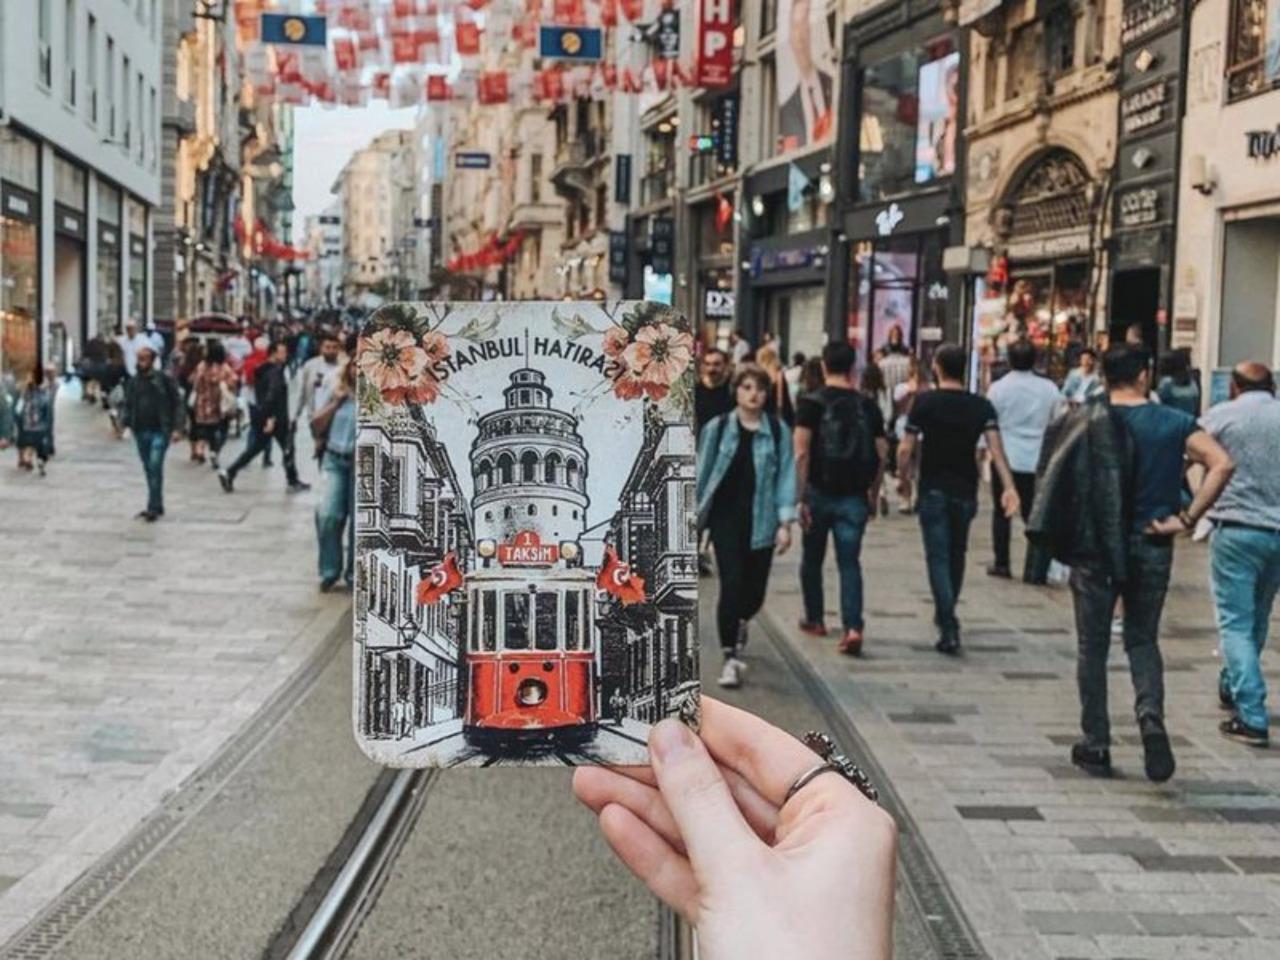 Два лица Стамбула: Европа и Азия - индивидуальная экскурсия в Стамбуле от опытного гида